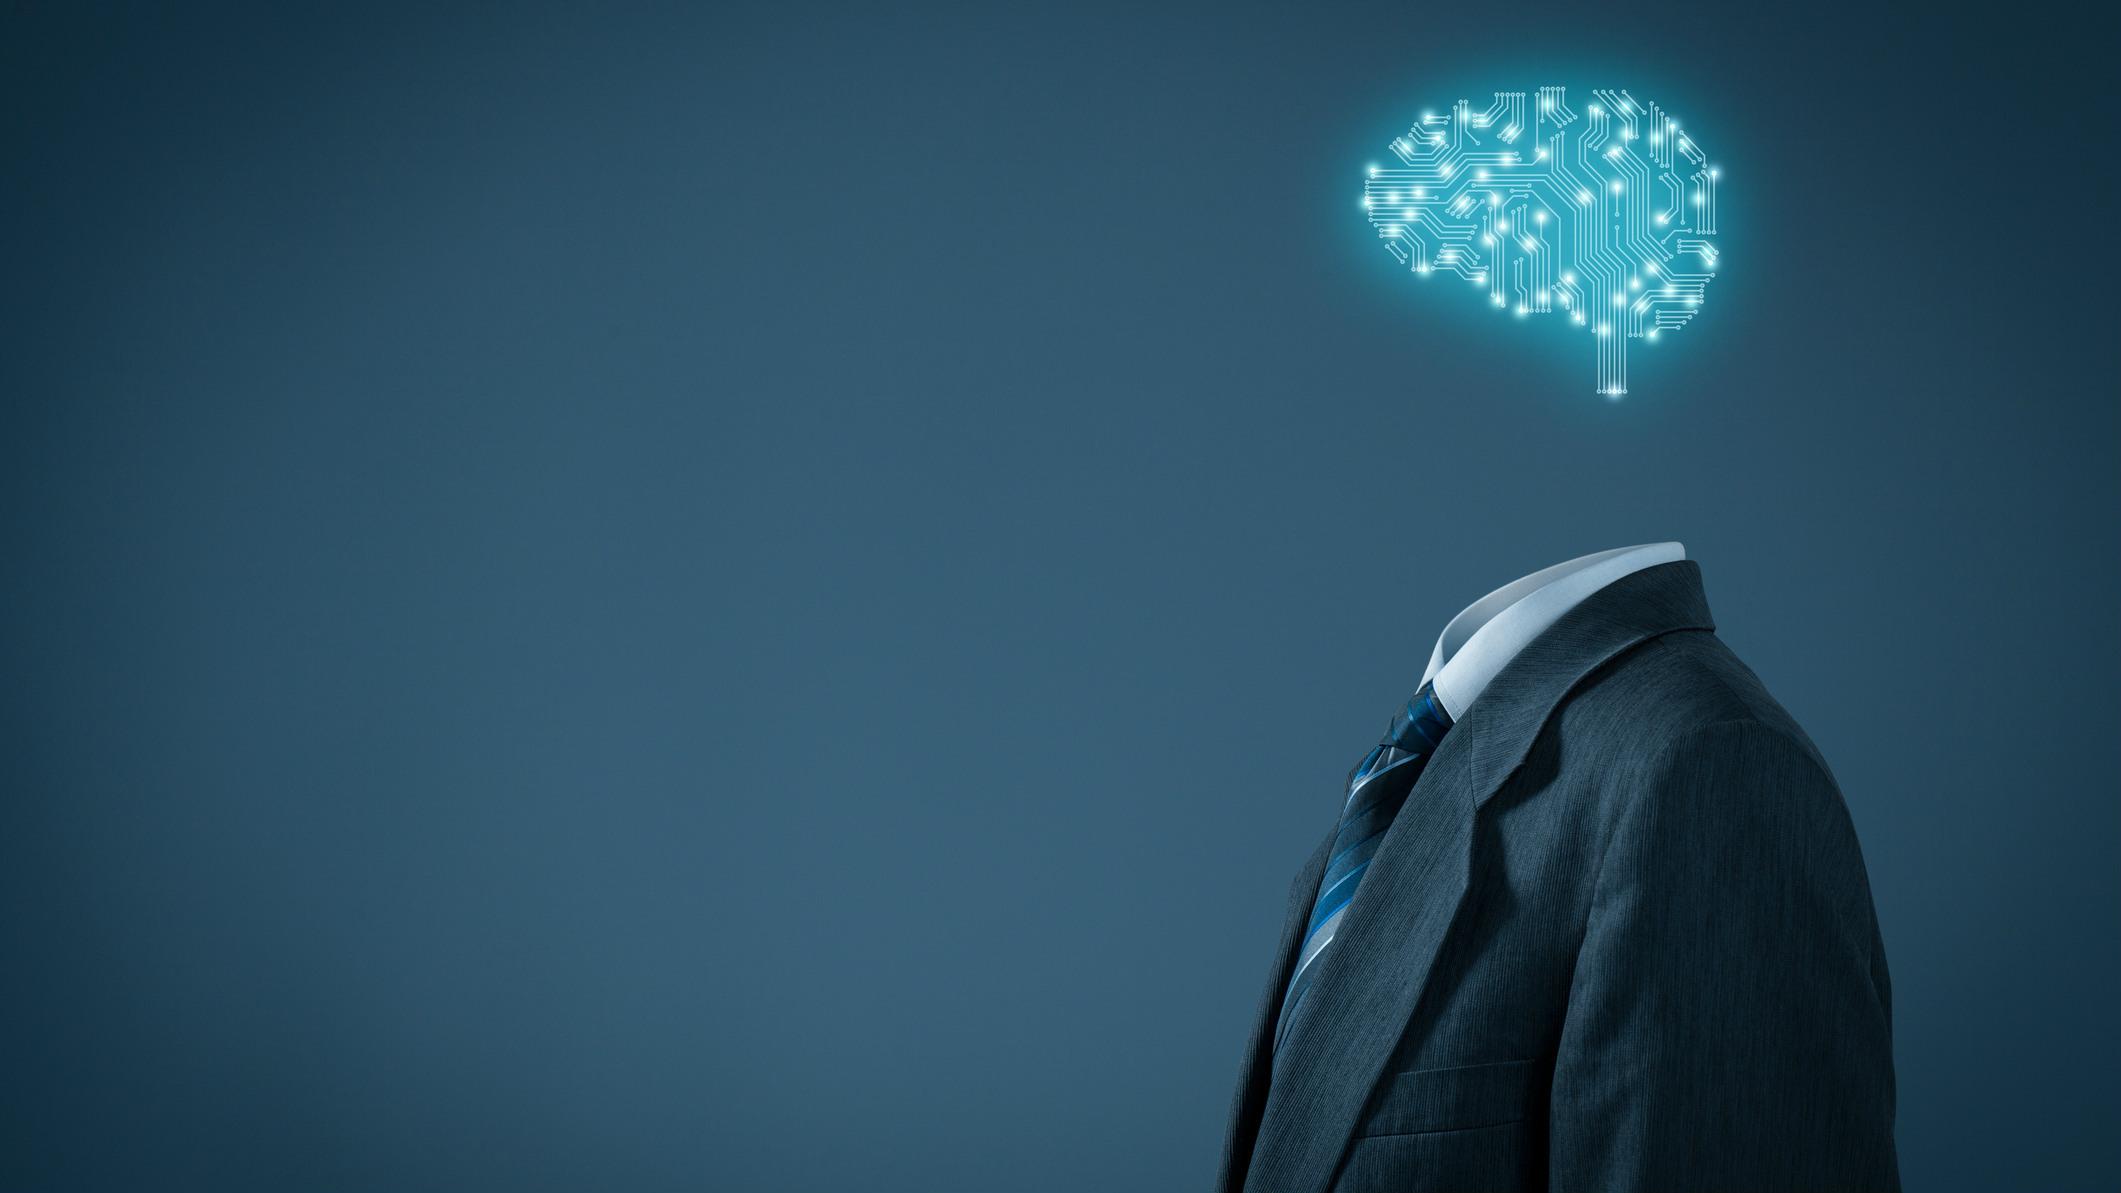 Die Zukunft anhand von Daten vorhersagen! Das klingt erst einmal wie Science Fiction, doch es wird mehr und mehr zur Realität. Dank Predicitve Analytics. Was das ist und welche Möglichkeiten Data Science und datenbasierte Prognosemodelle für Unternehmen bereithalten, erläutern wir hier.